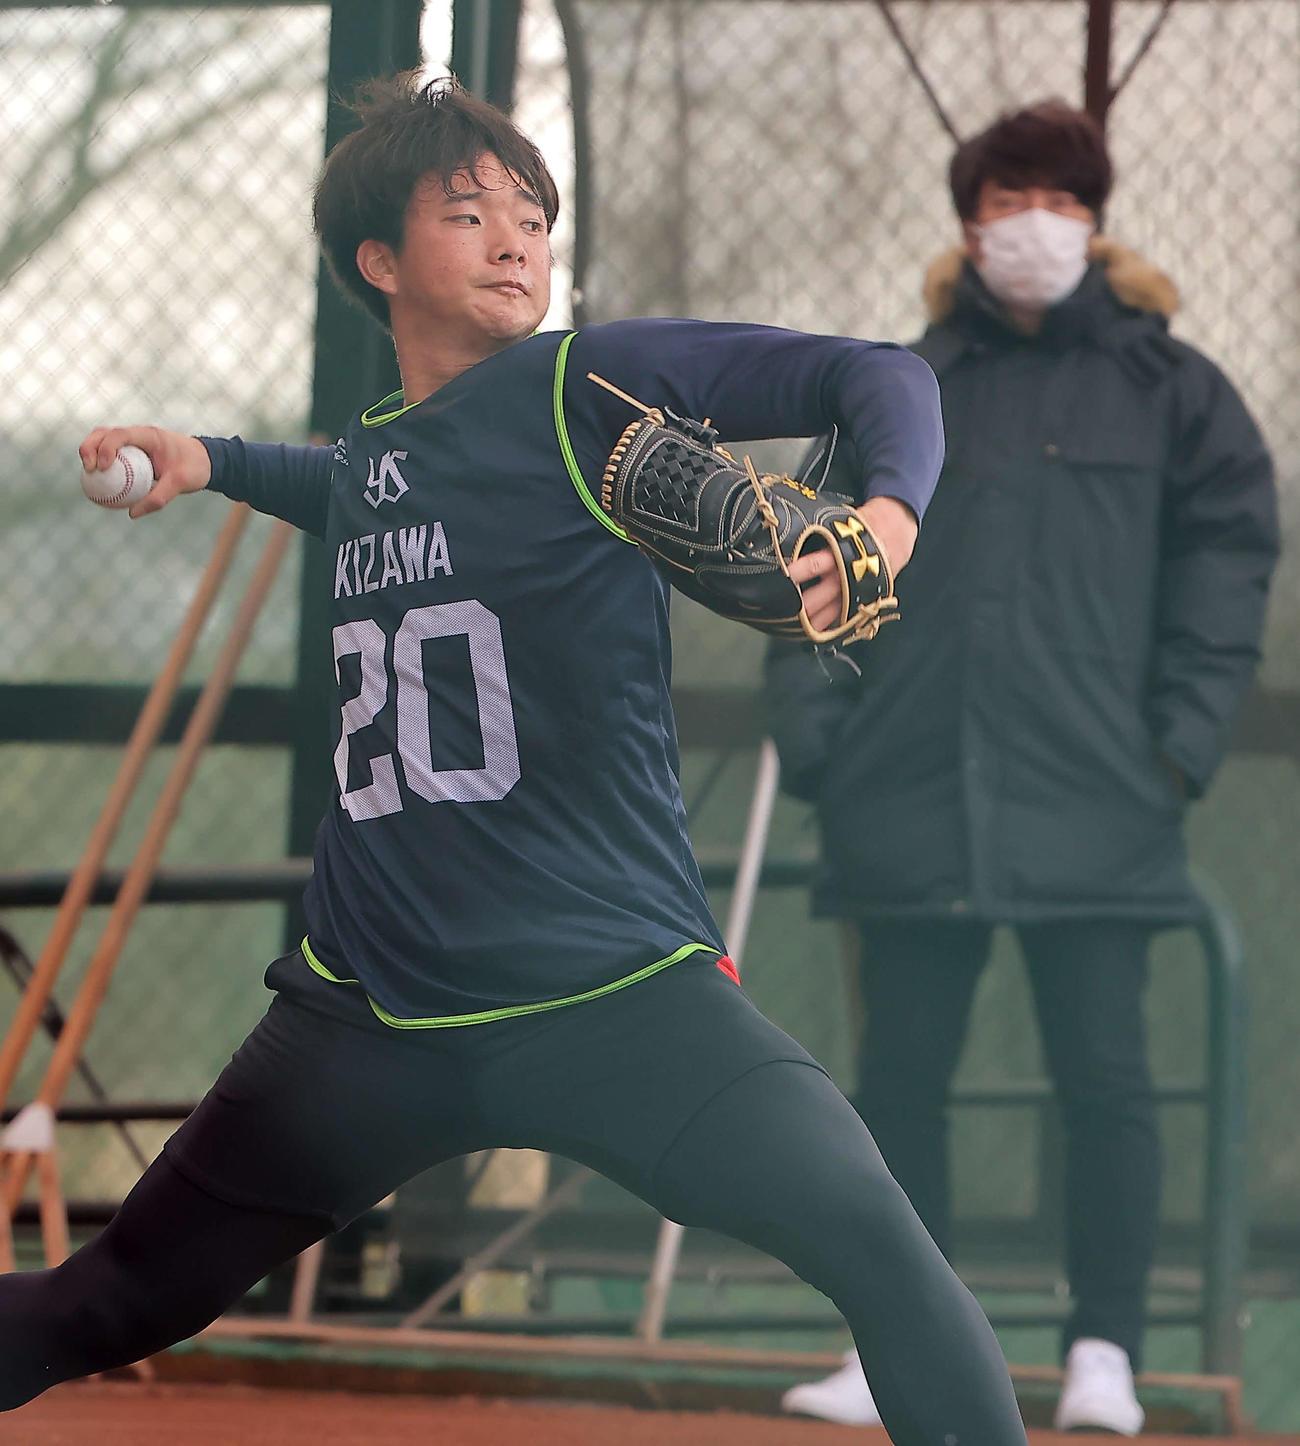 高津監督(右)が見守る中、ブルペンで投球するヤクルト木沢(代表撮影)